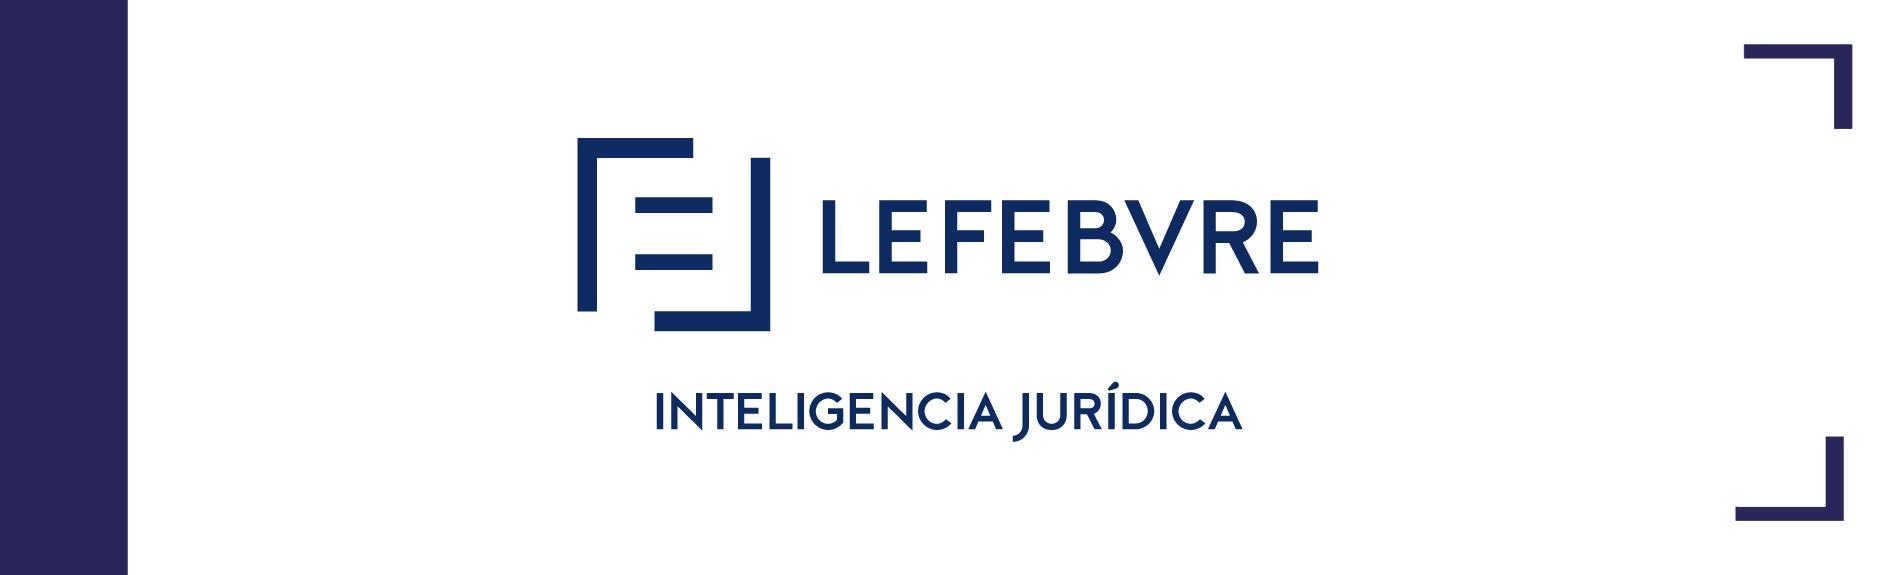 Somos y eres Lefebvre